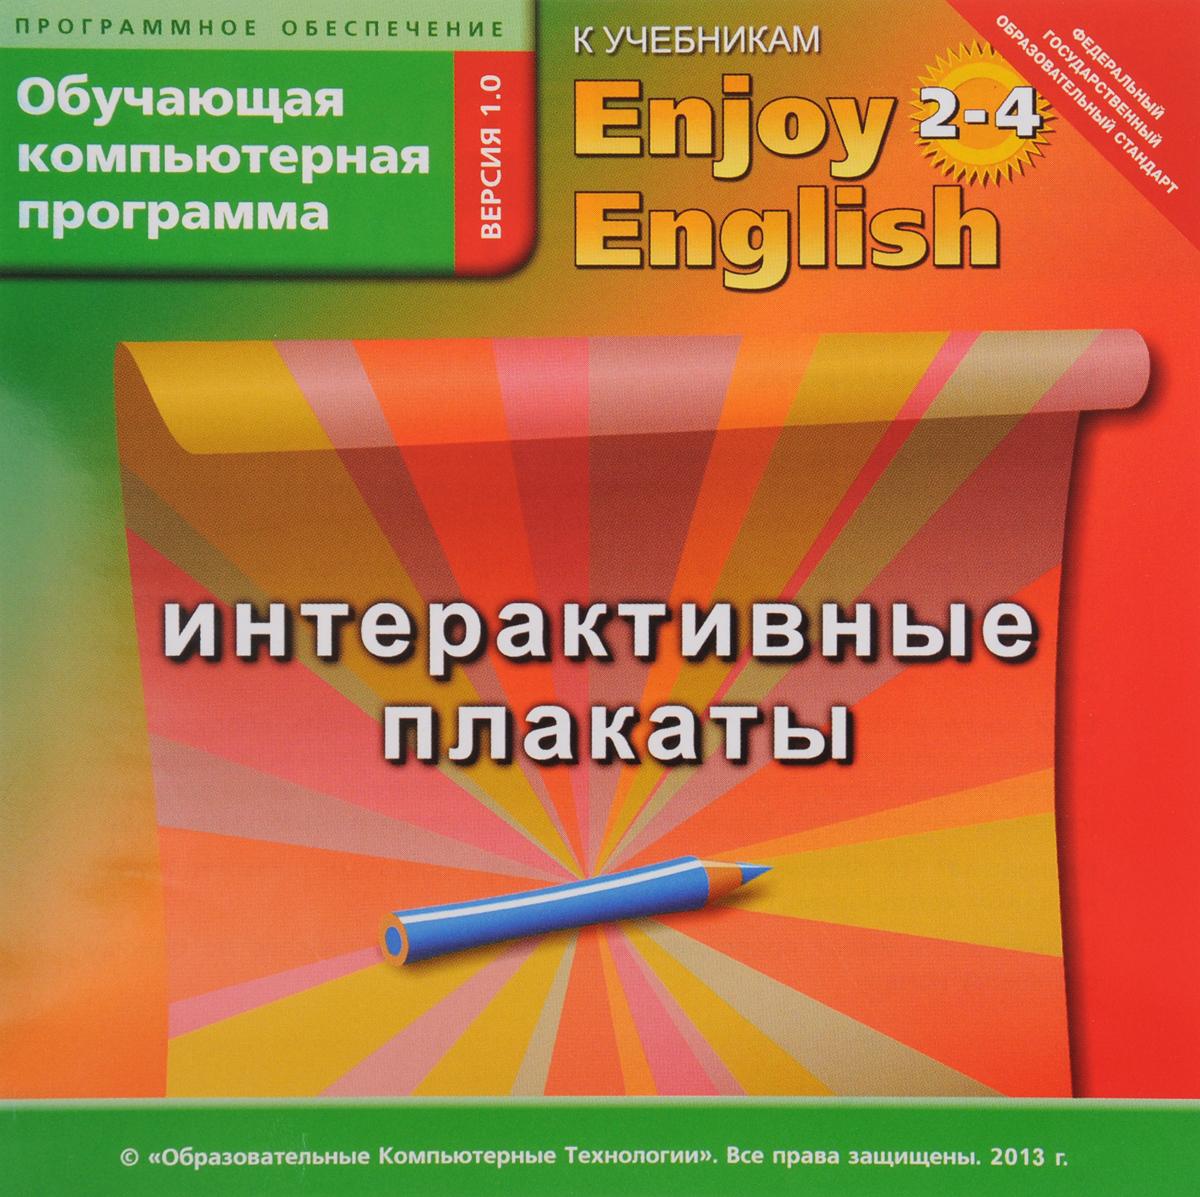 Enjoy English 2-4 / Английский с удовольствием. 2-4 класс. Обучающая компьютерная программа